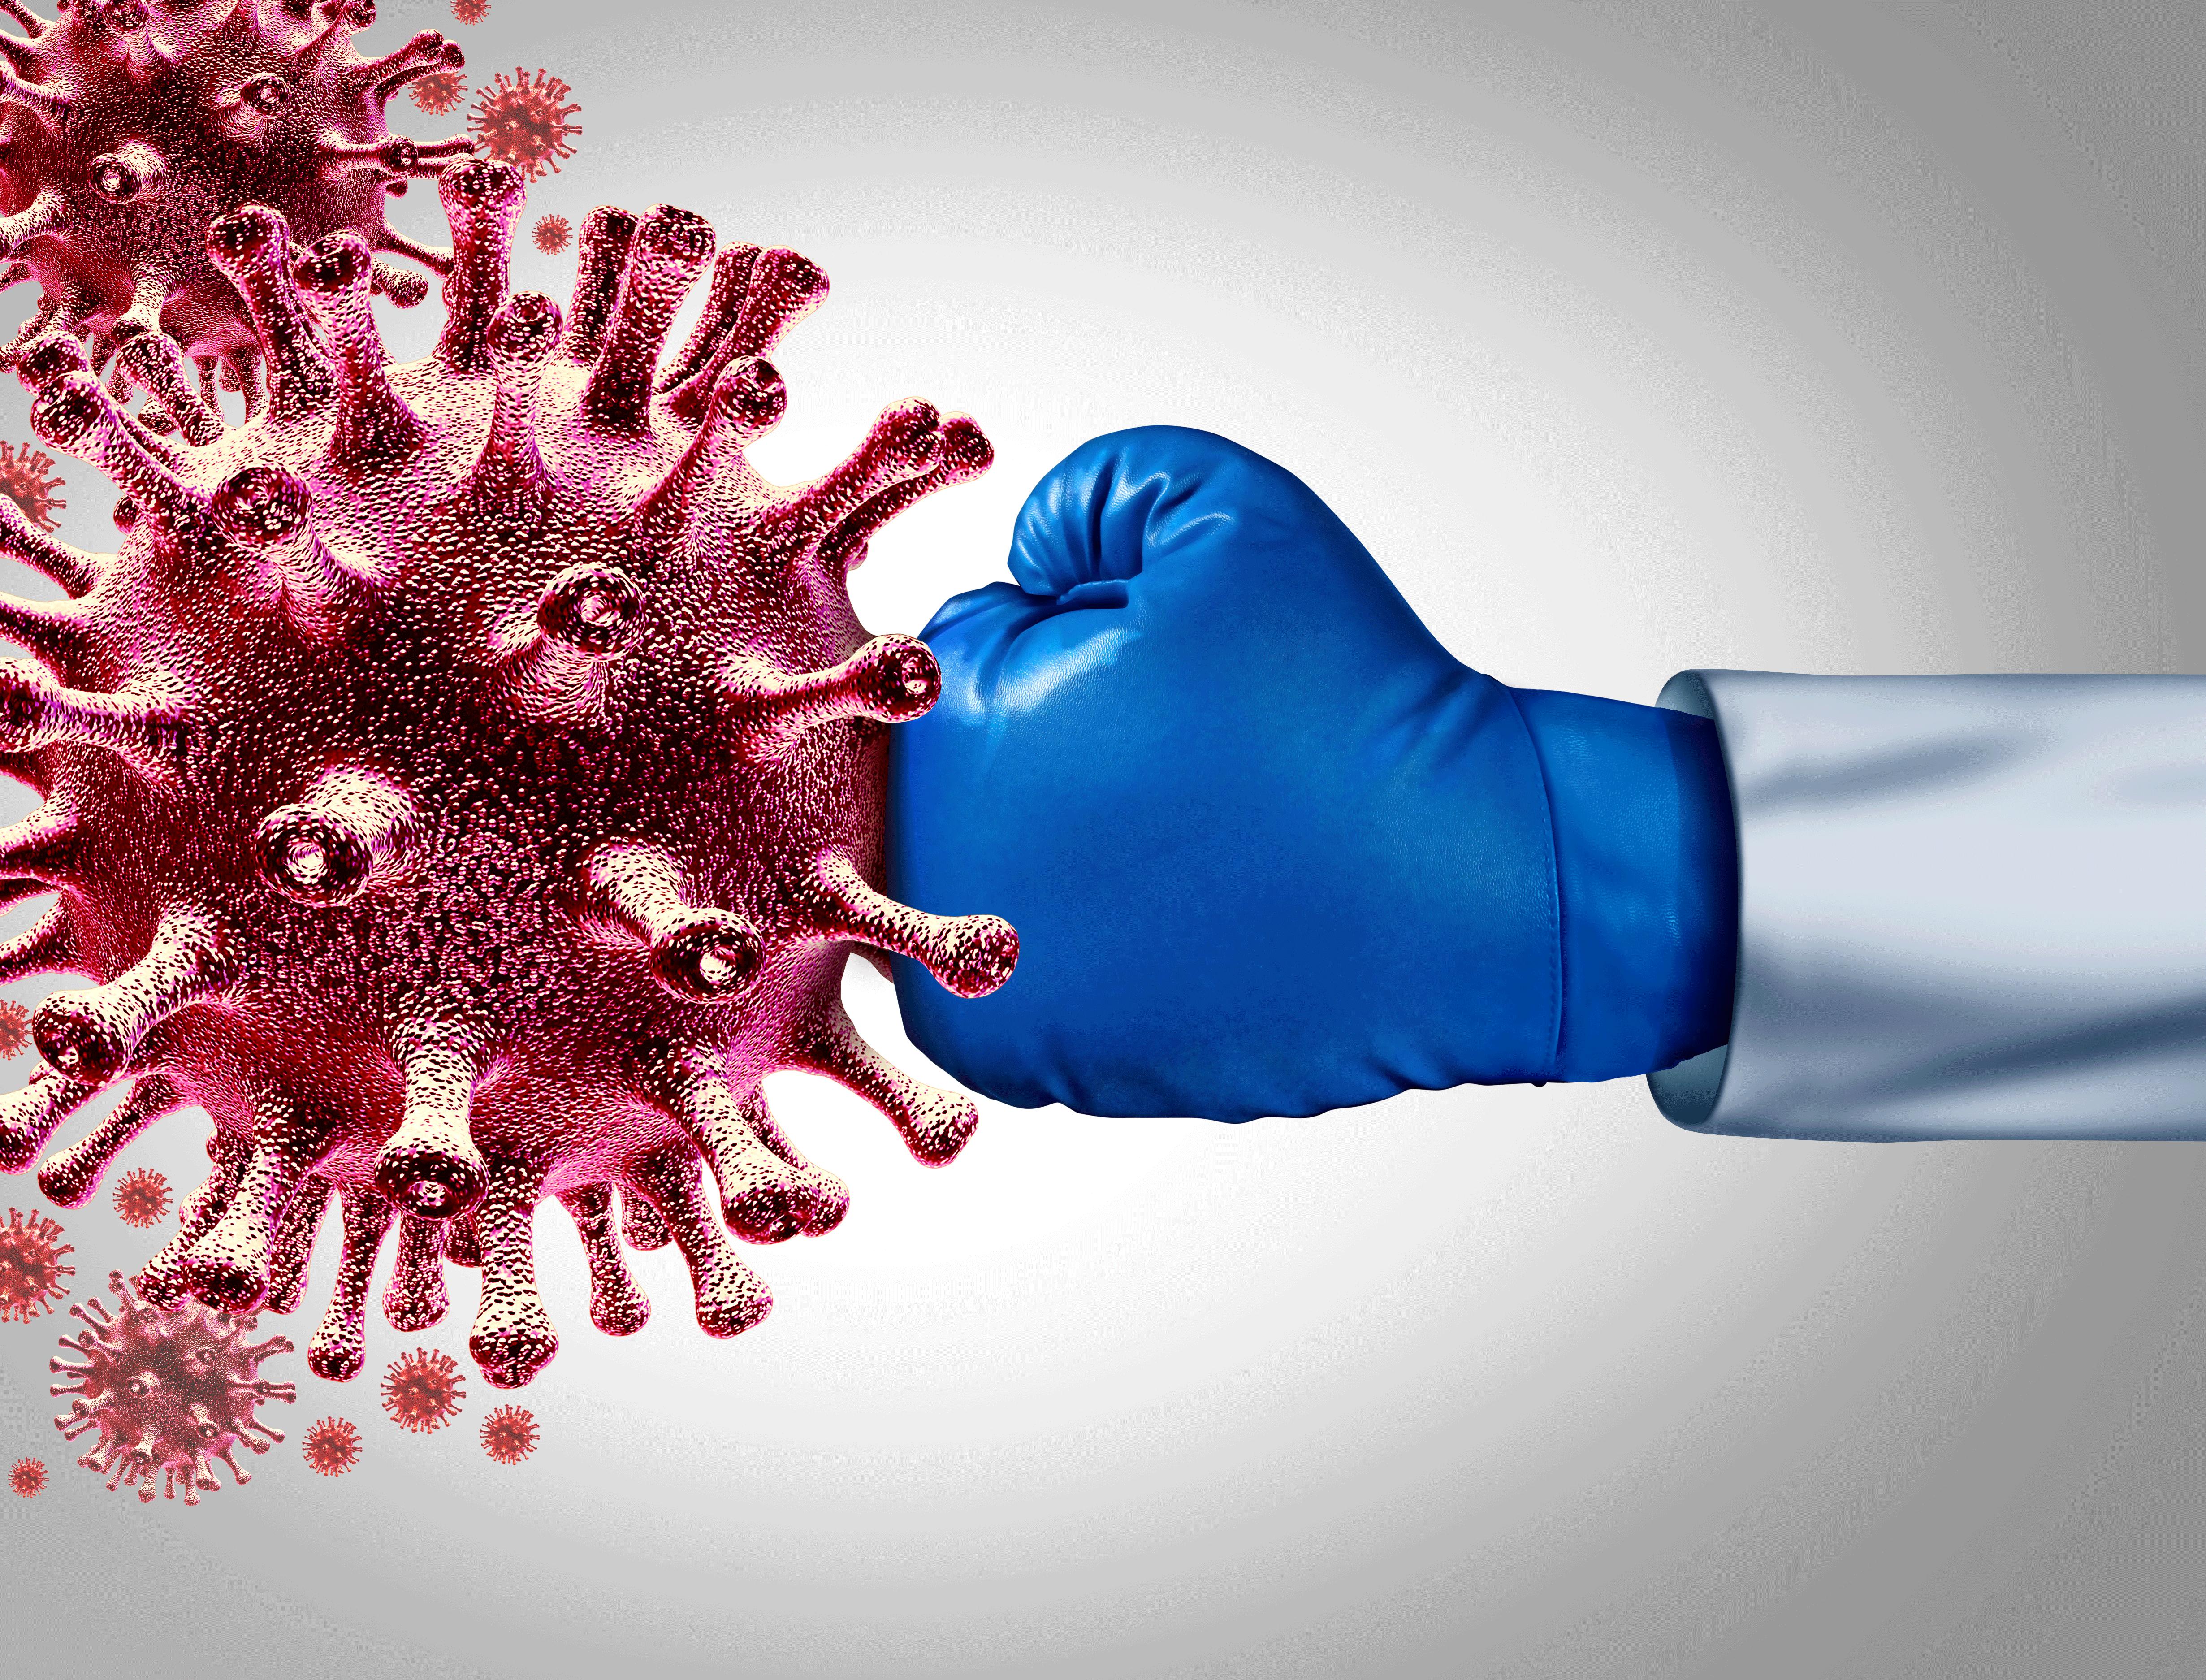 Coronavirus punch